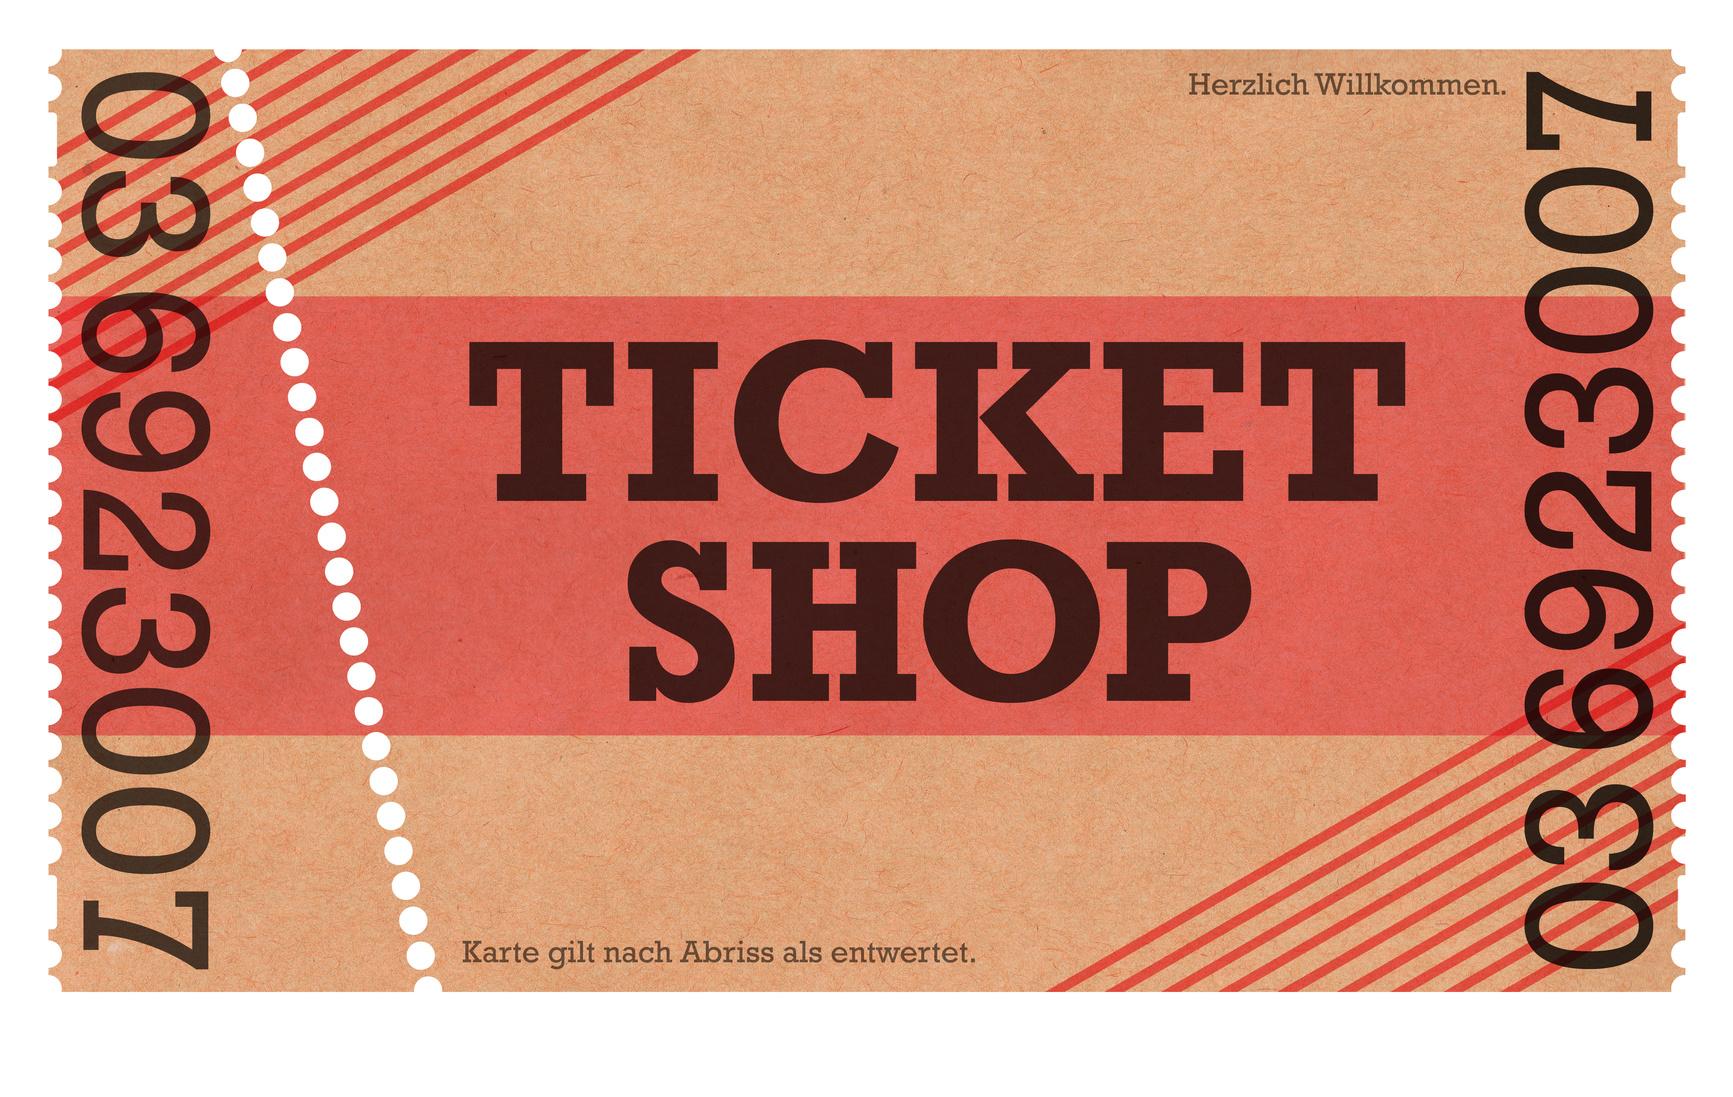 Online-Ticketshop